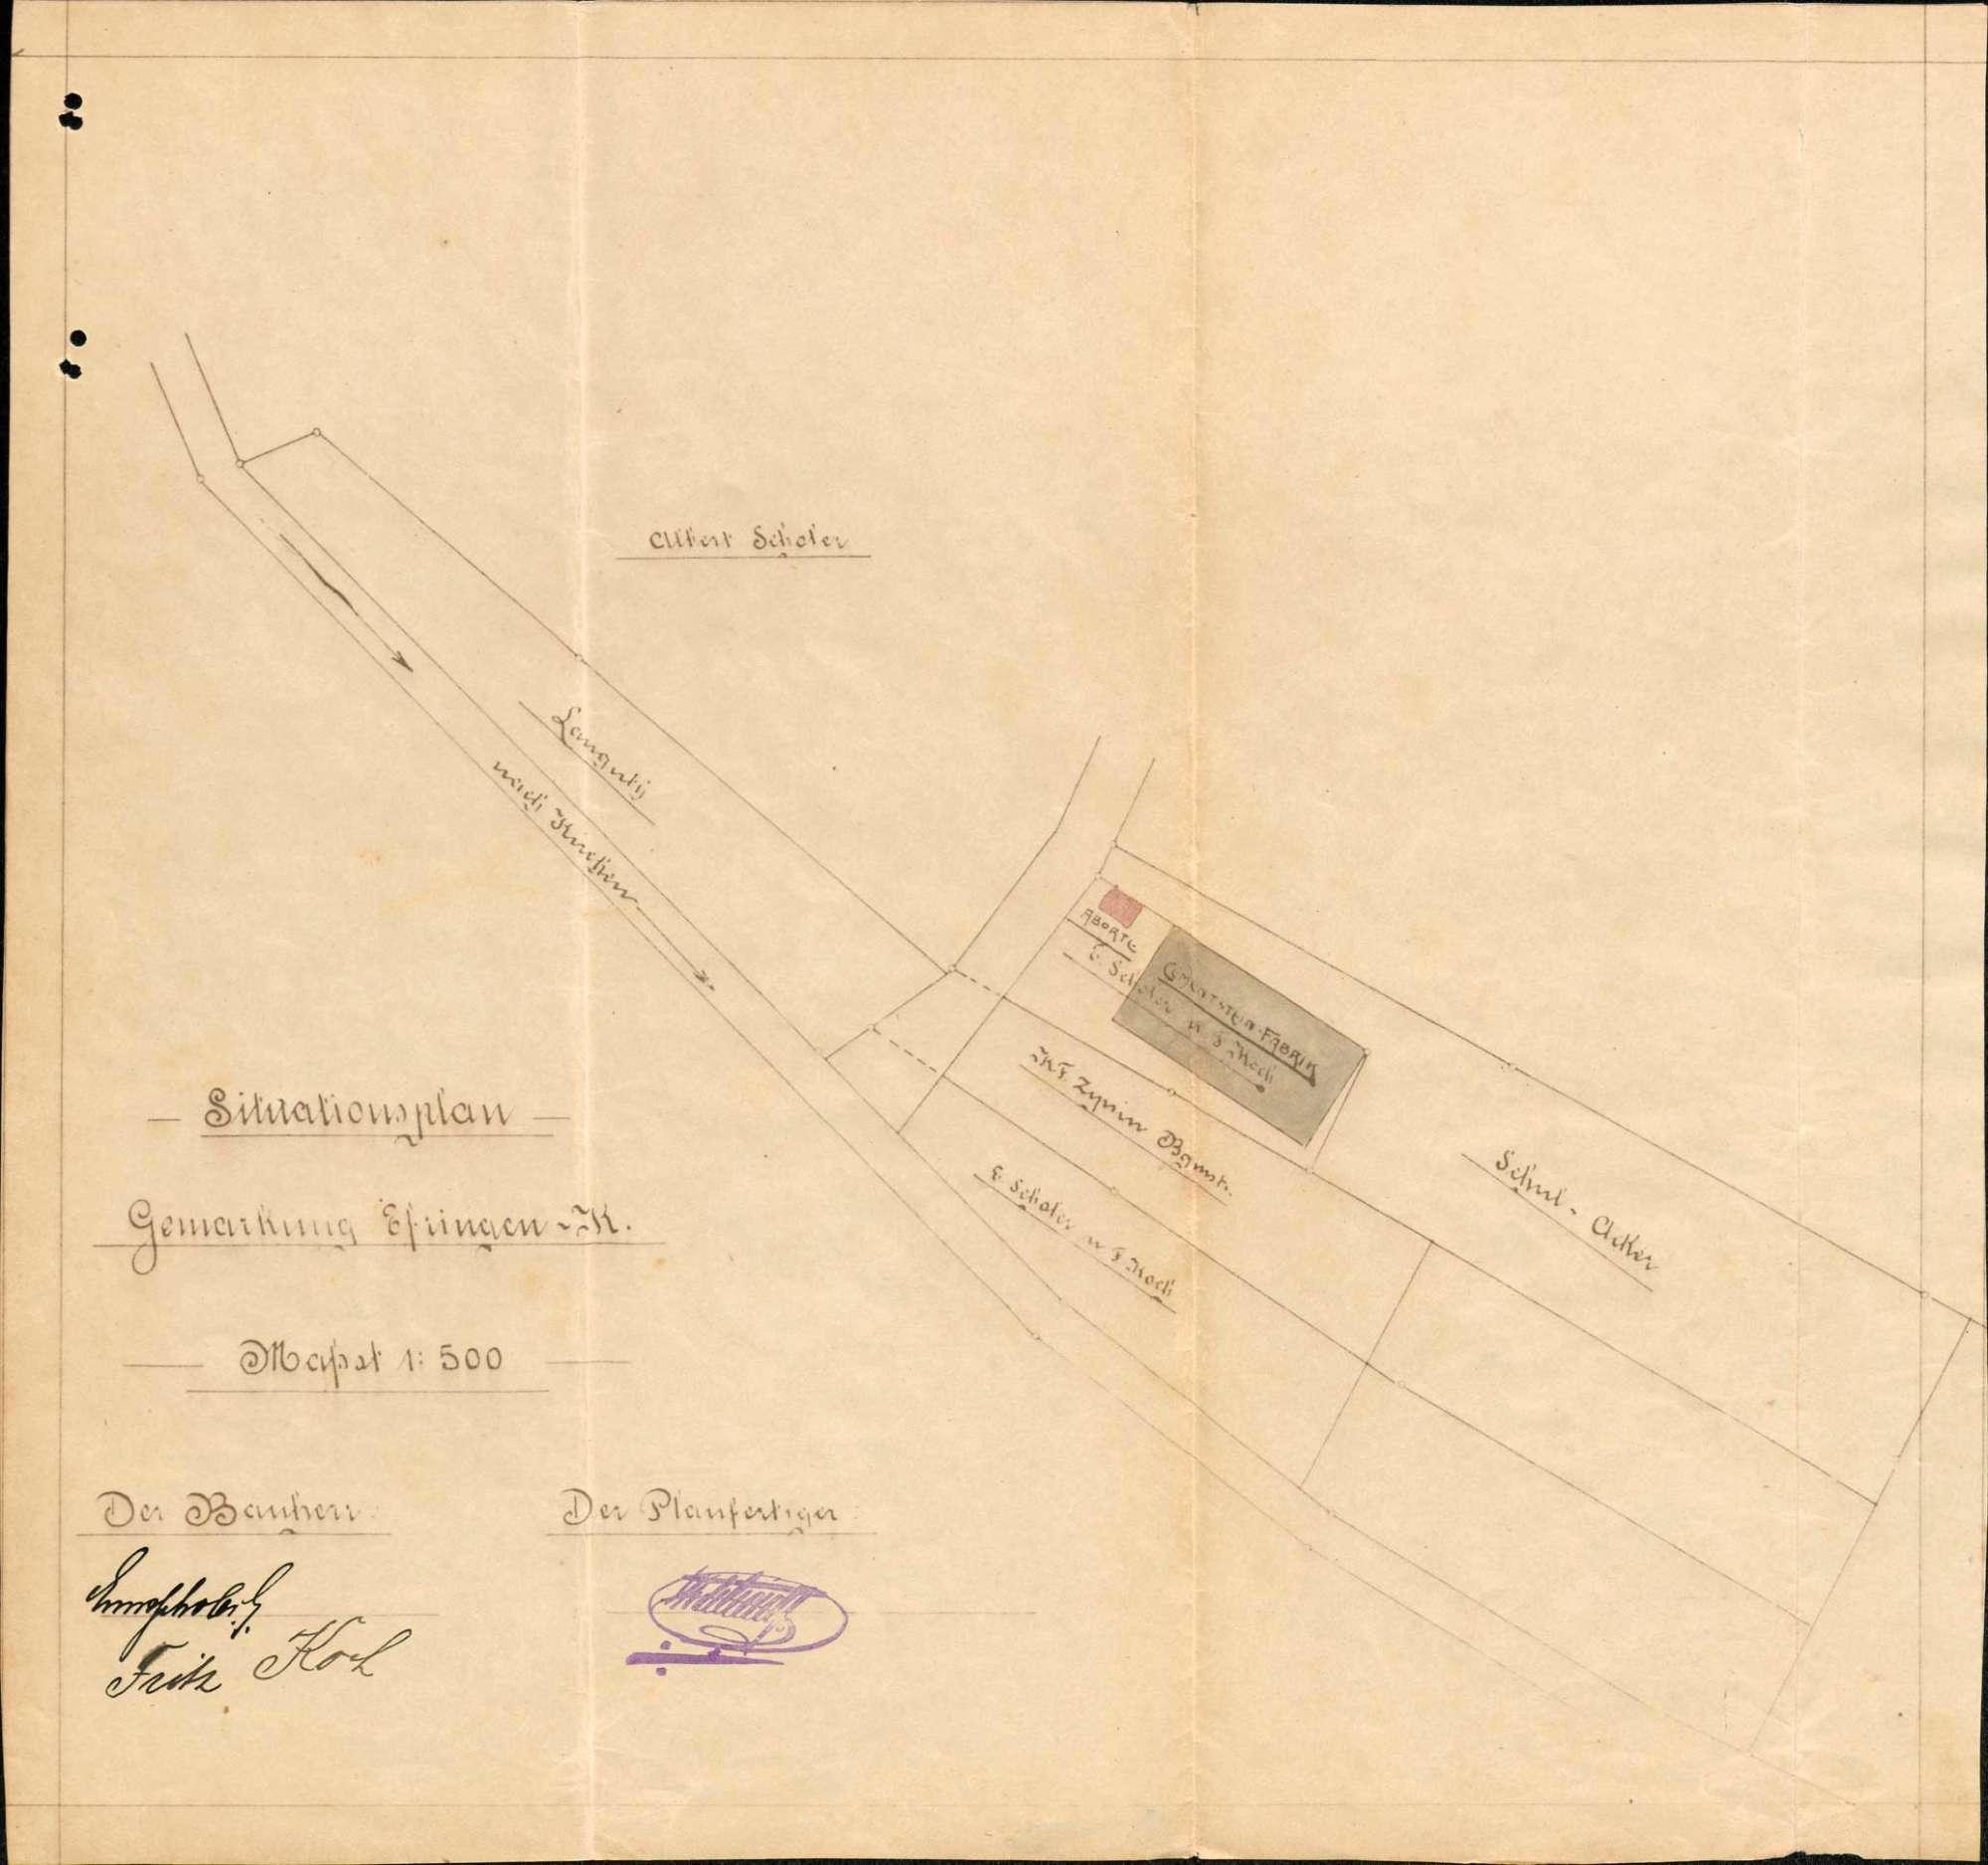 Antrag des Kaufmanns Ernst Scholer und des Maurers Fritz Koch auf Genehmigung zum Bau einer Kunststein- und Zementwarenfabrik in Erfingen, Bild 3